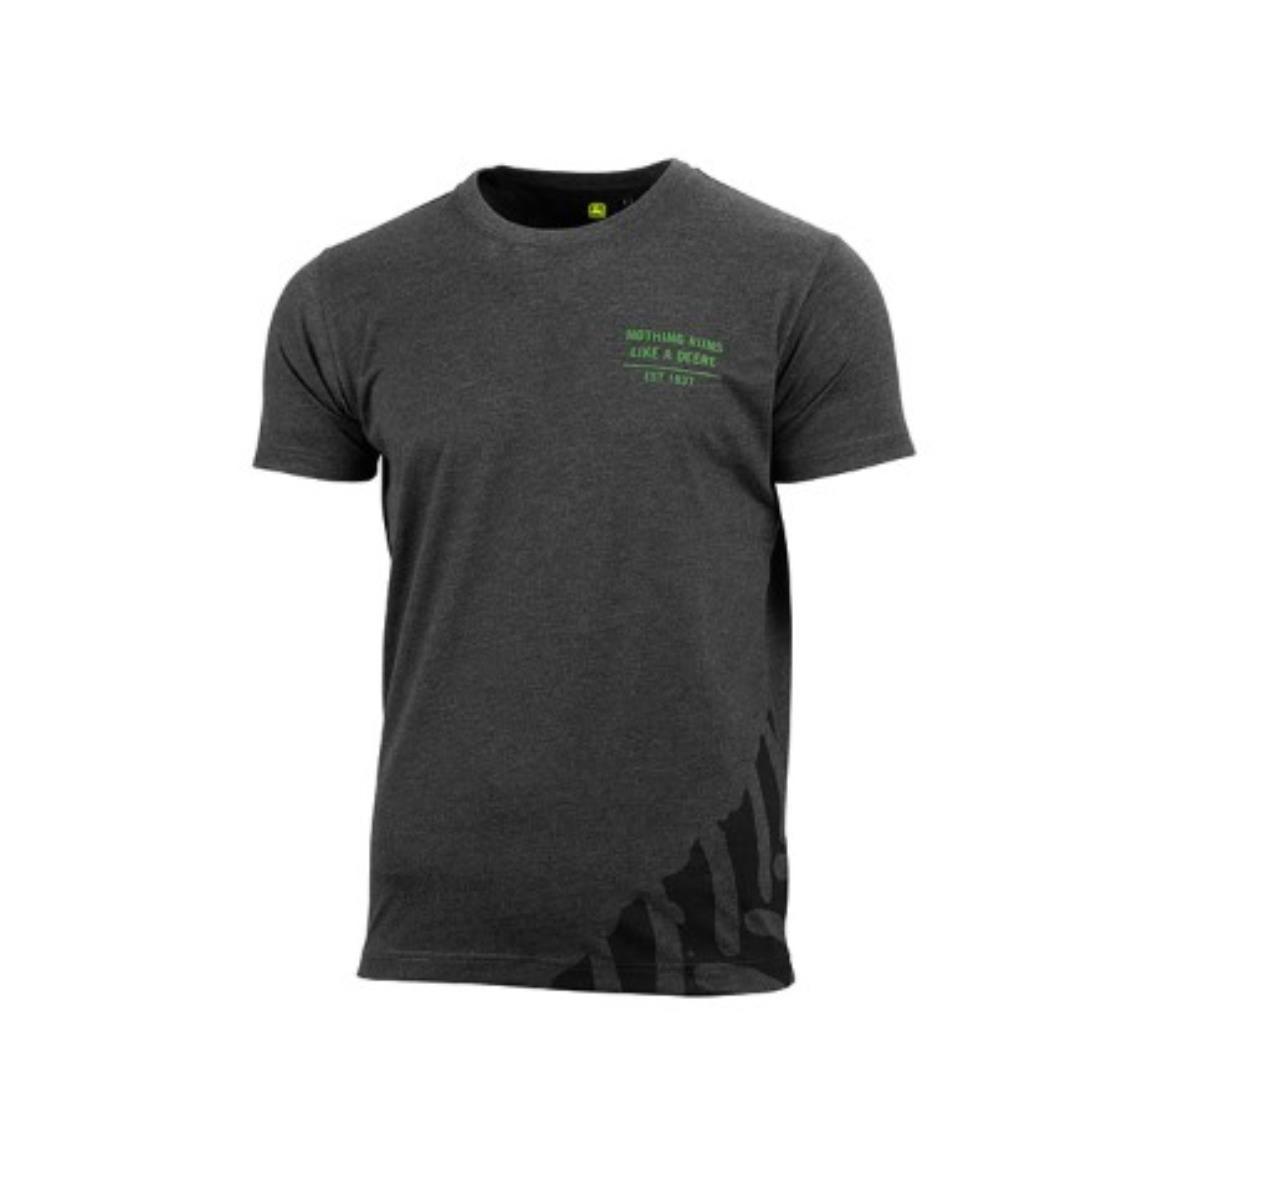 Mørkegrå t-shirt